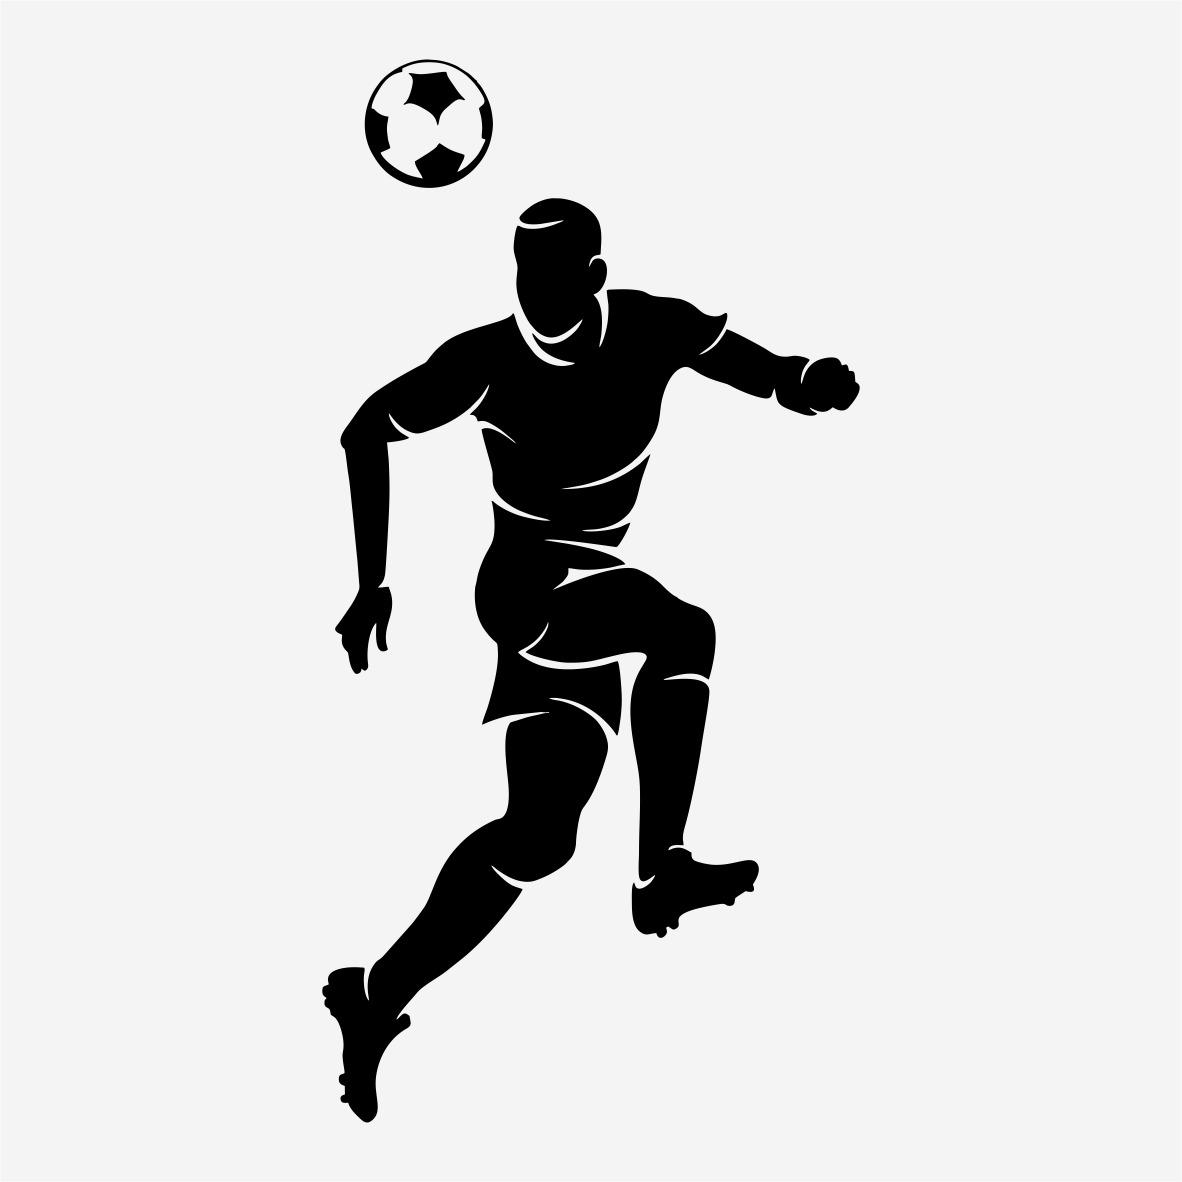 Armario Sinonimo De Arca ~ Adesivo Decorativo Futebol Esporte Jogador Bola 80cm A655 R$ 19,99 em Mercado Livre